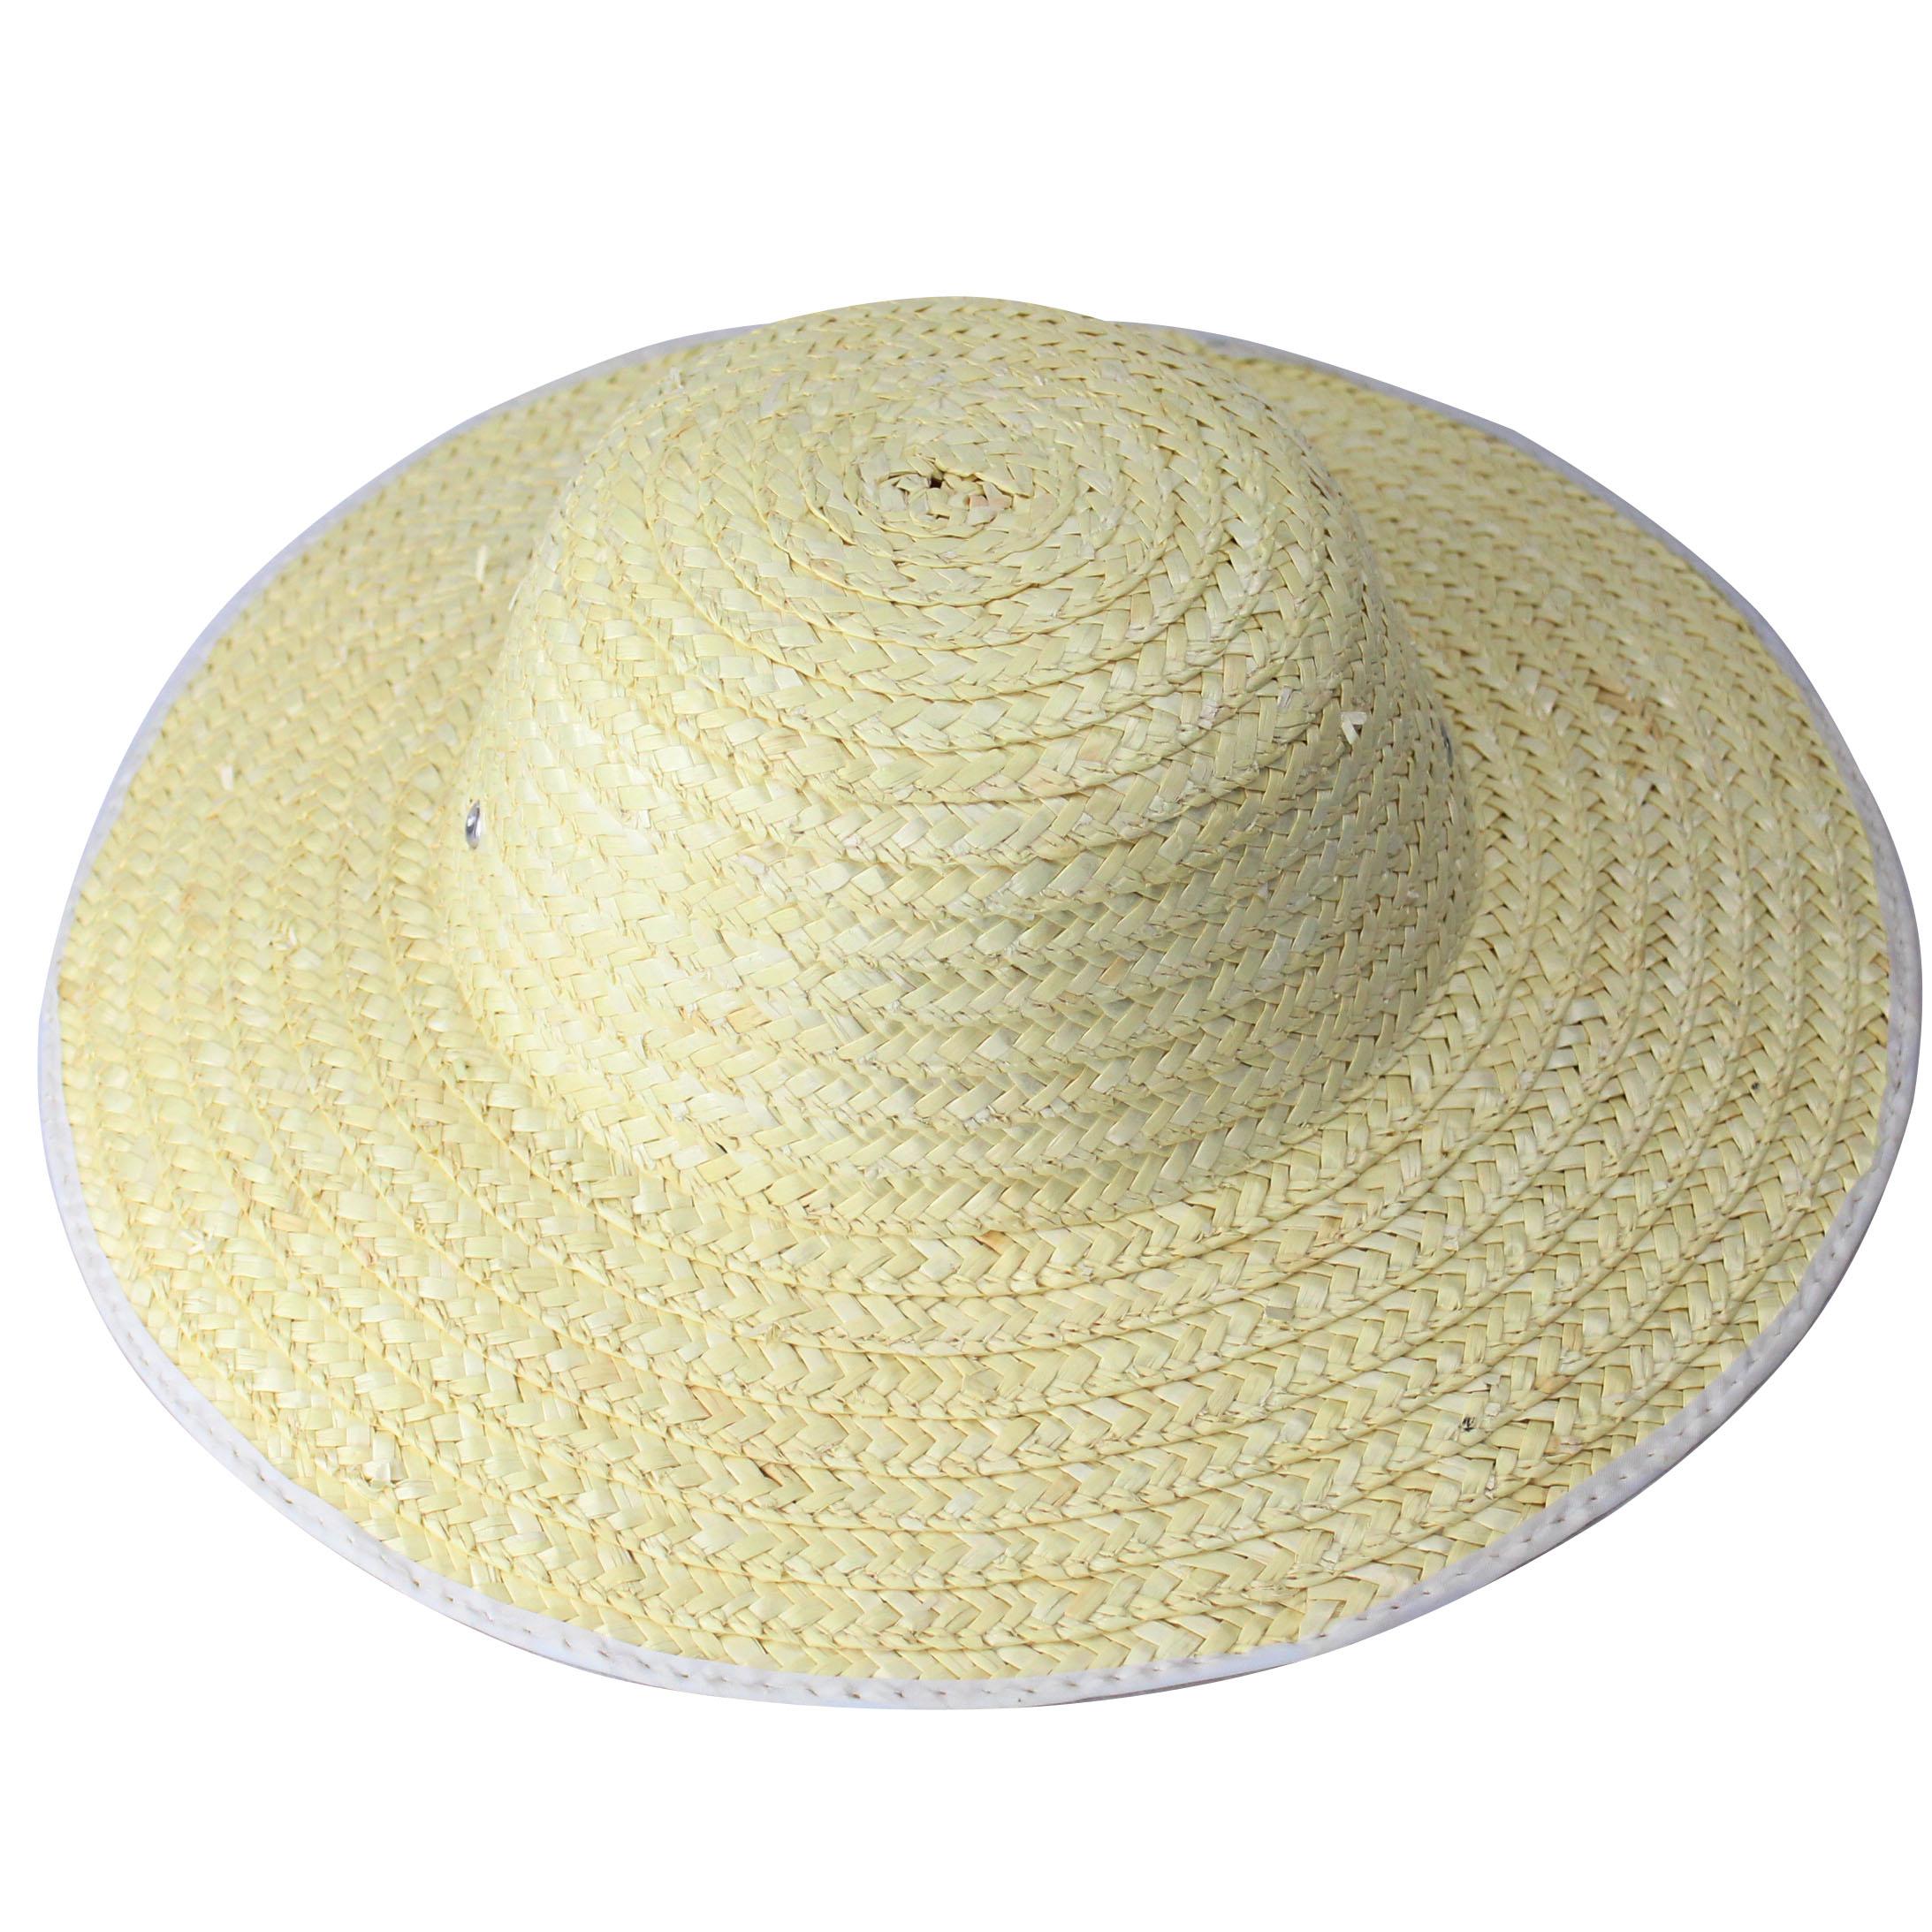 最简单的稻草编织手工